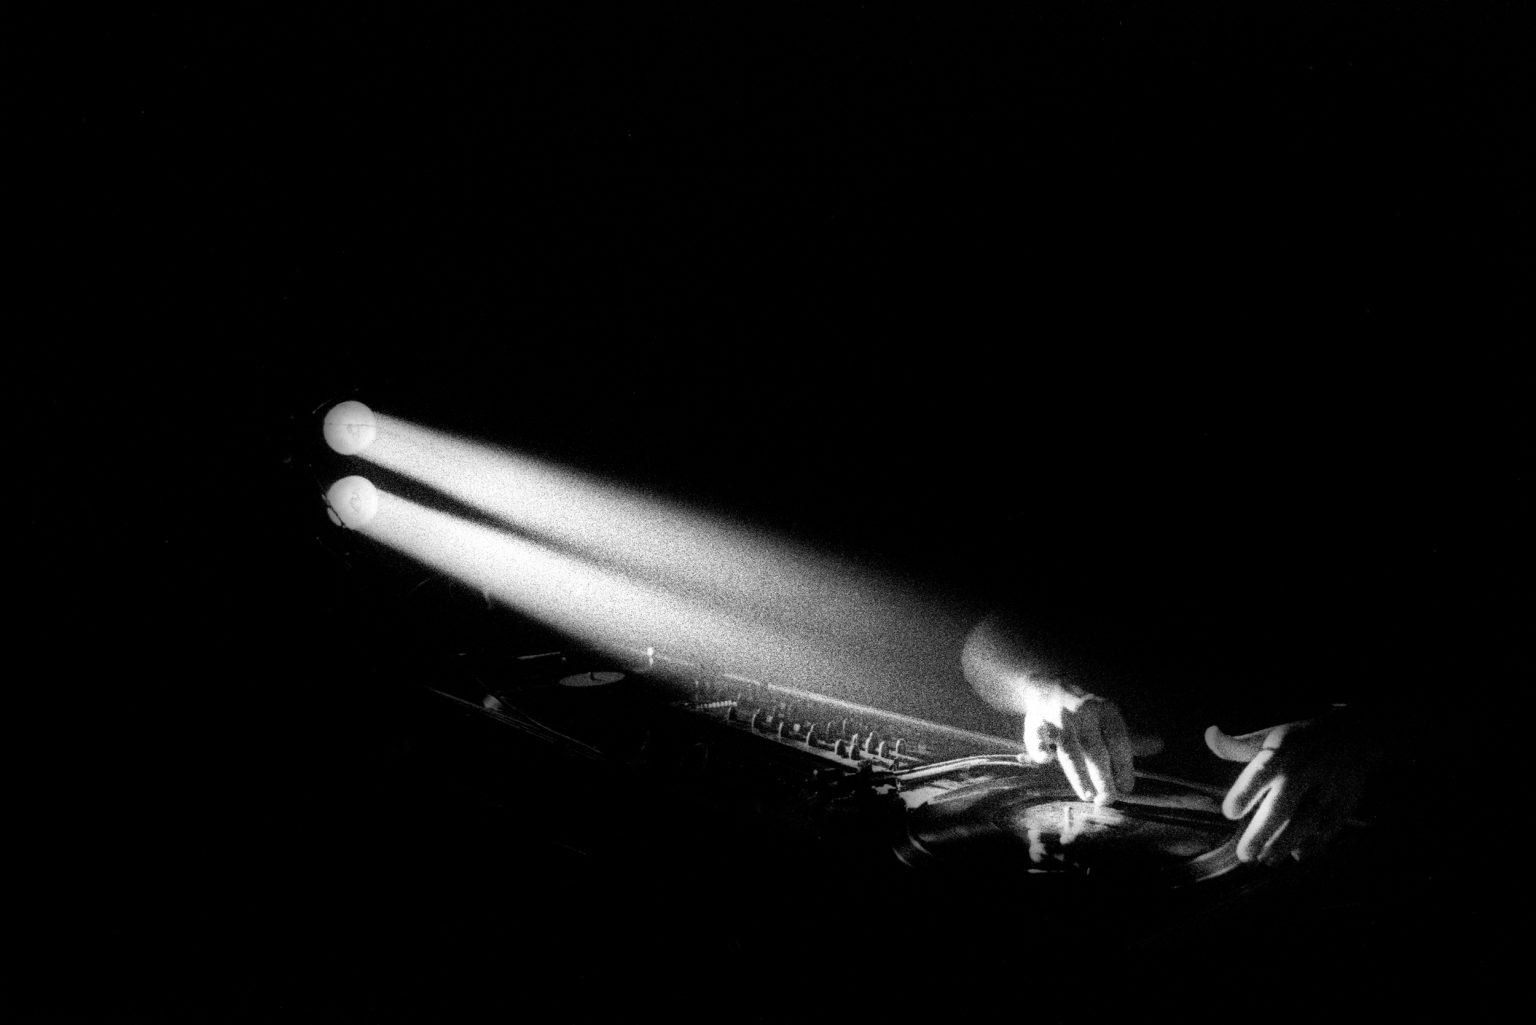 Turin, 2000 - Shockraver playing during the Summer Teknival in the riverbed of an emissary of the Po river. Shockraver is a DJ and also the host of the most important website to gather informations regarding the parties' locations. You couldn't find the party without checking out his website. >< Torino, 2000 - Shockraver suona durante il Summer Teknival nell'alveo di un emissario del Po. Shockraver è un DJ e anche l'host del più importante sito web per raccogliere informazioni sulle location delle feste. Non si poteva trovare la festa senza controllare il suo sito web.